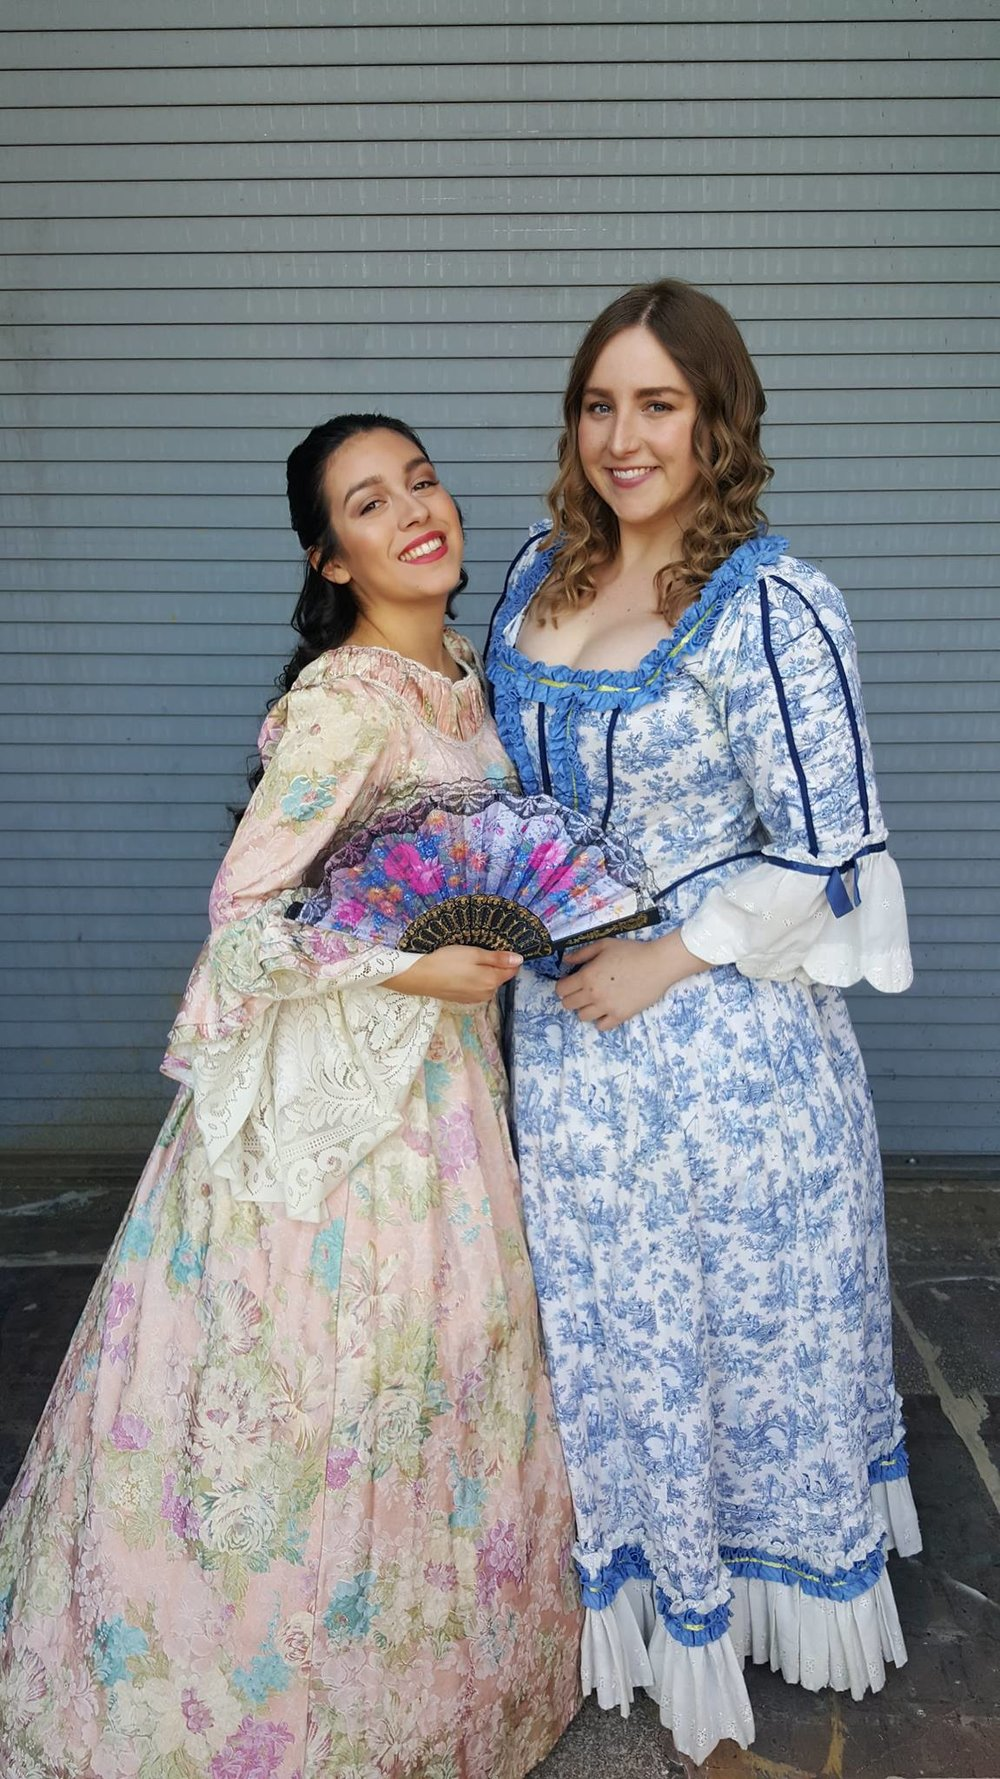 Dorine & Marianne (Tartuffe)